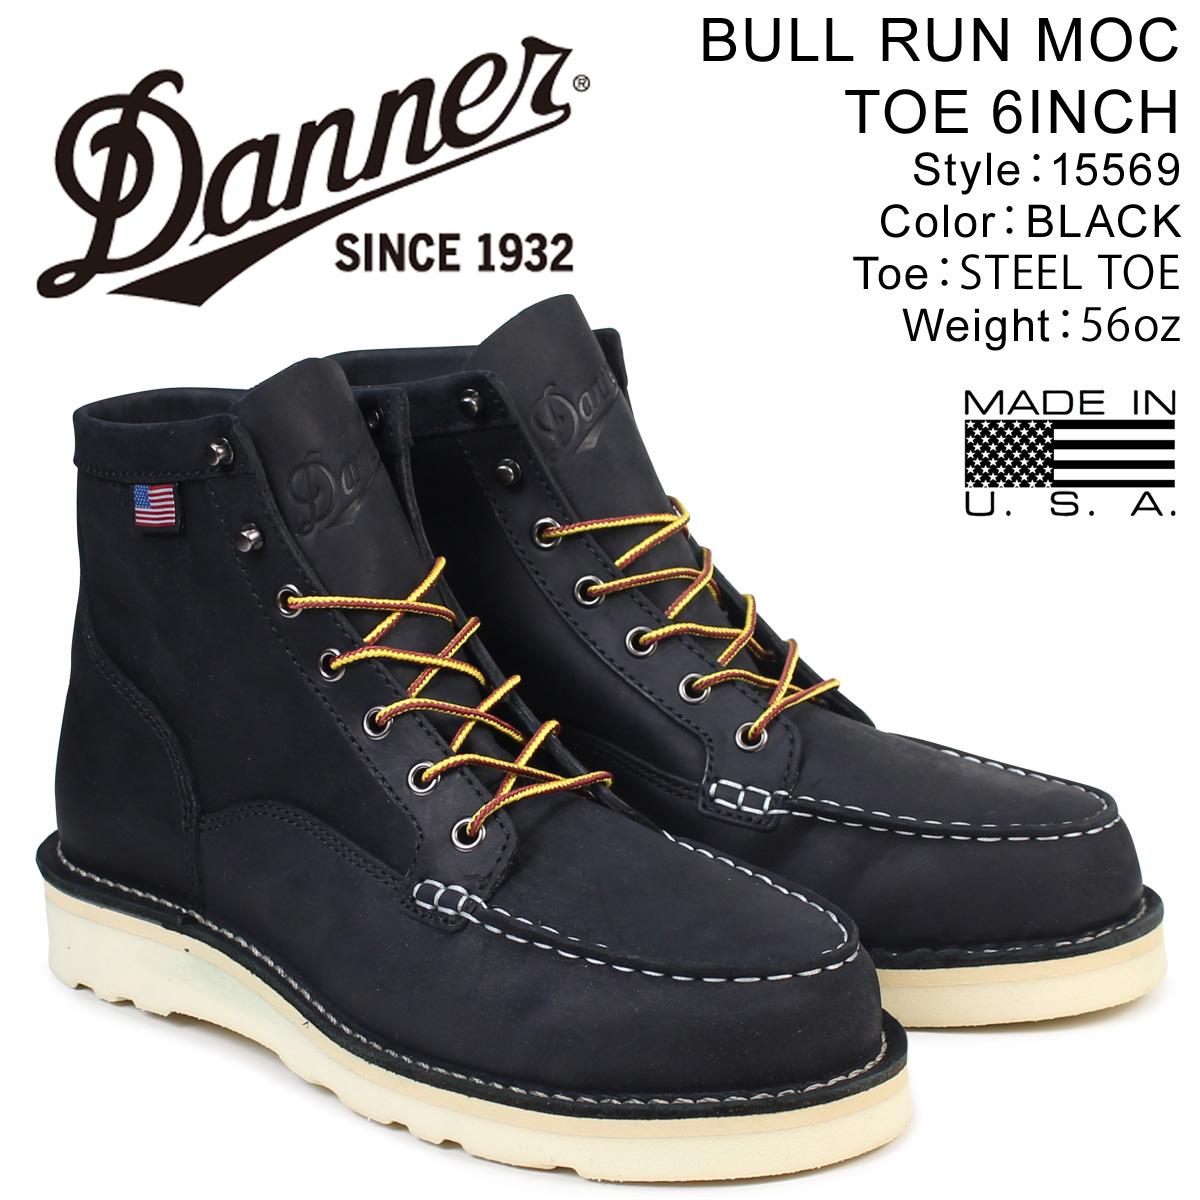 ダナー Danner EEワイズ ブーツ Danner BULL RUN ダナー MOC TOE 6INCH 15569 EEワイズ メンズ ブラック, キクカマチ:01d32cc5 --- ww.thecollagist.com